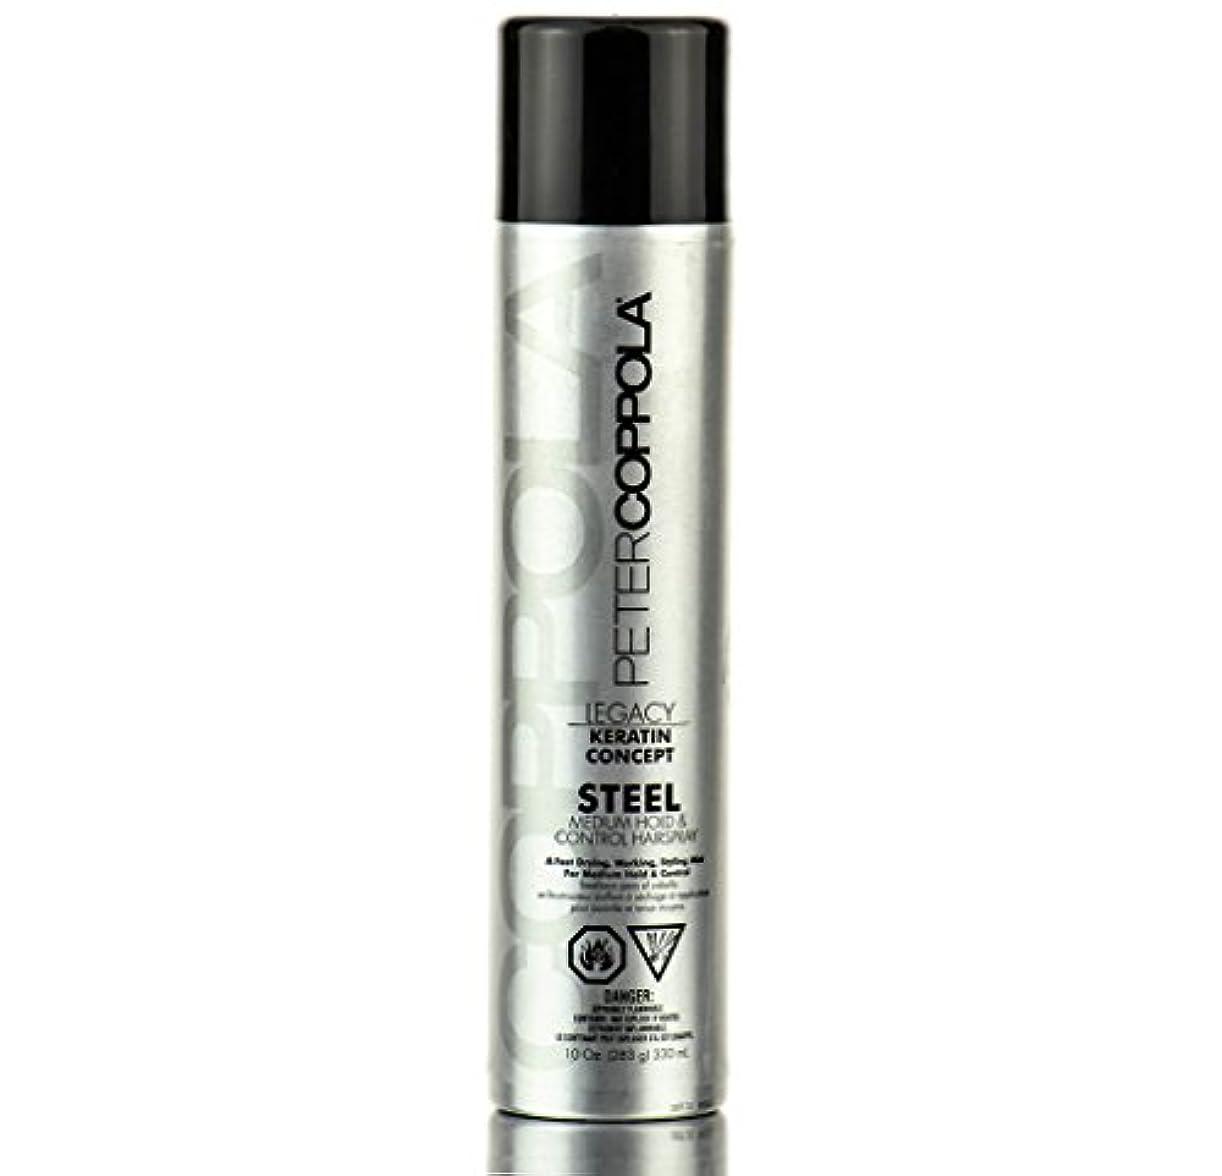 ハードウェア触覚練習Peter Coppola スチールヘアスプレー - 軽量、ミディアムホールド、柔軟なホールドは、スタイリングヘアボリューム&スタイリングのすべての髪のタイプを追加するための10オンスミディアムシャインスプレー medium_hold